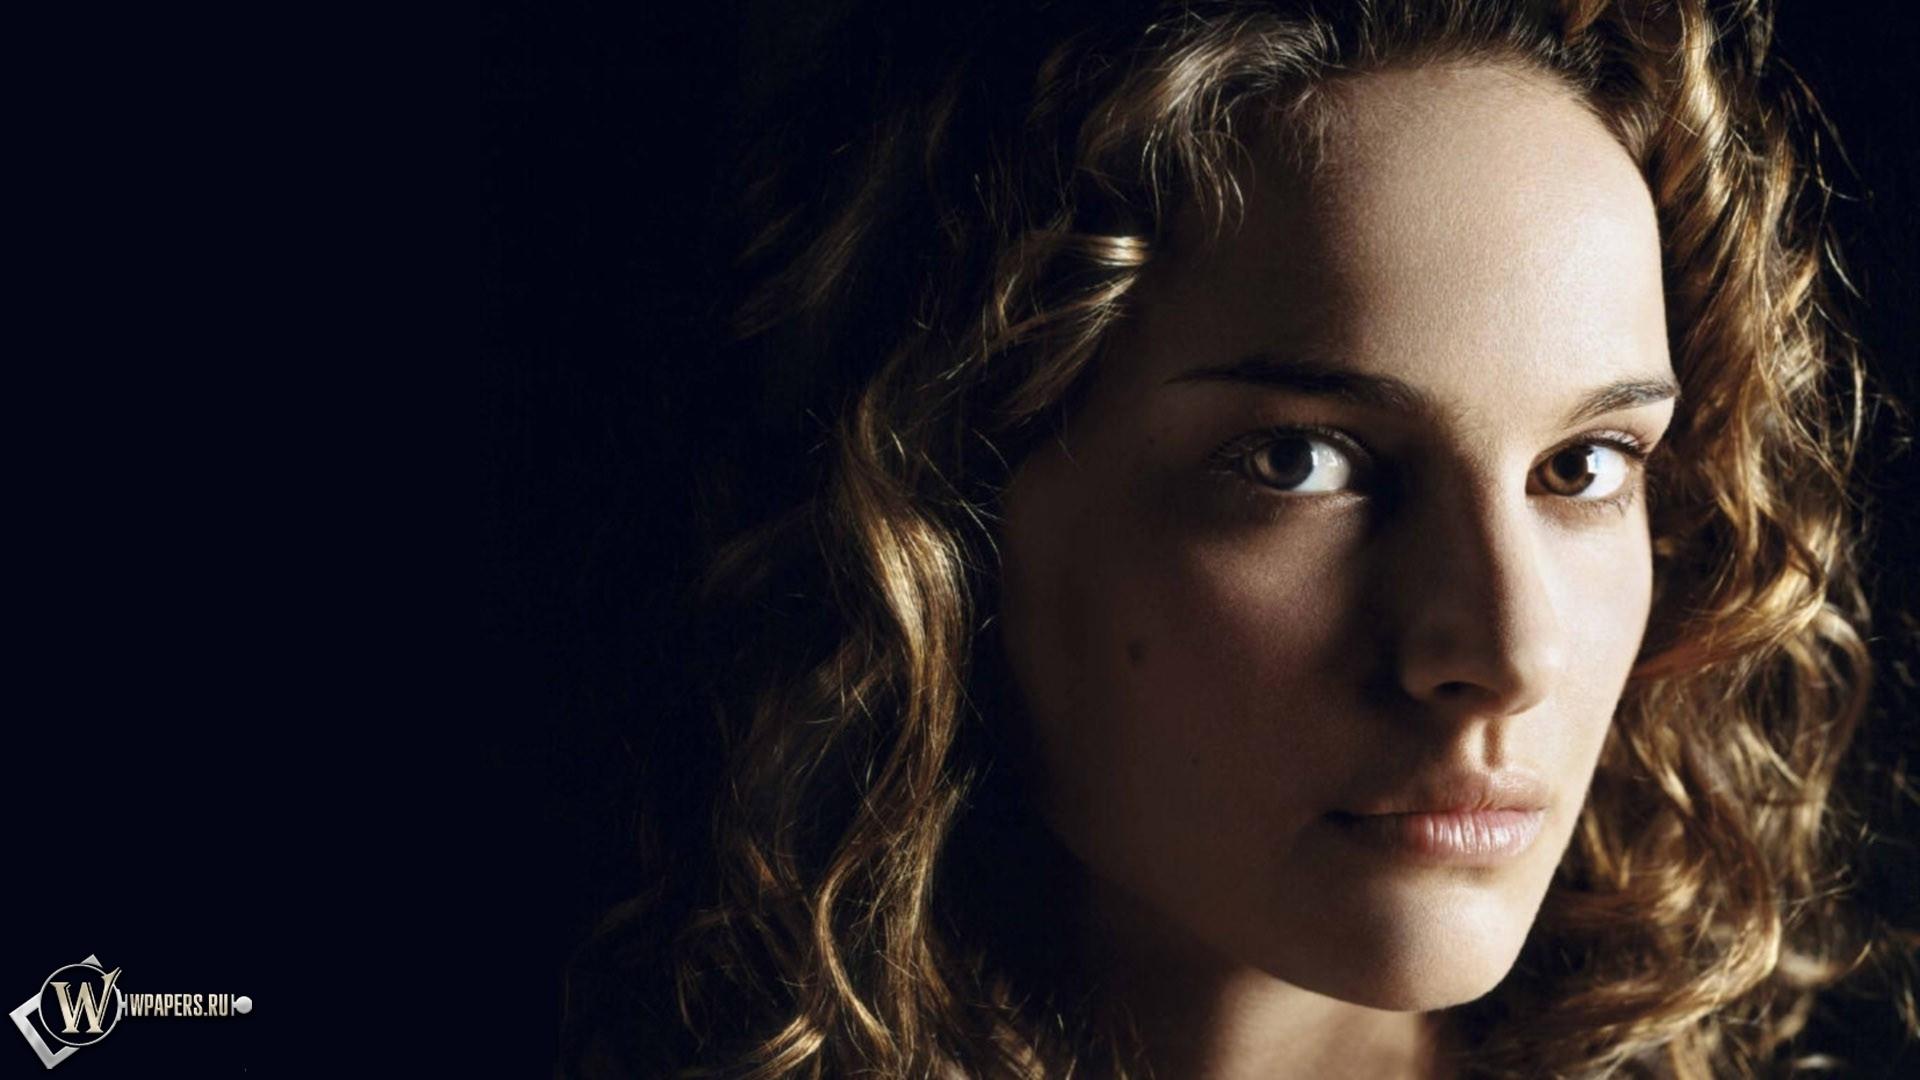 Natalie Portman 1920x1080